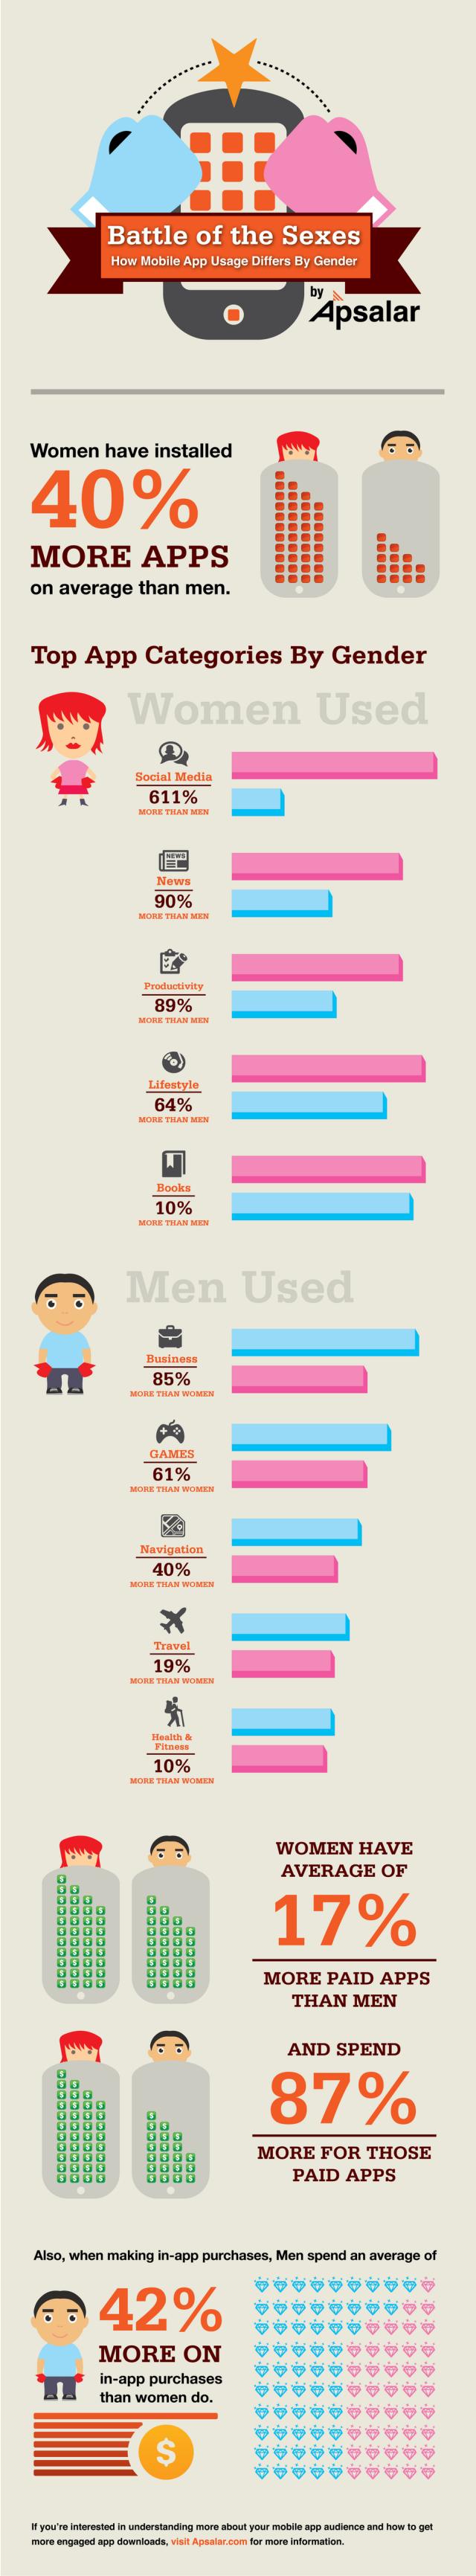 Женщины устанавливают на 40% больше приложений и тратят на них на 87% больше